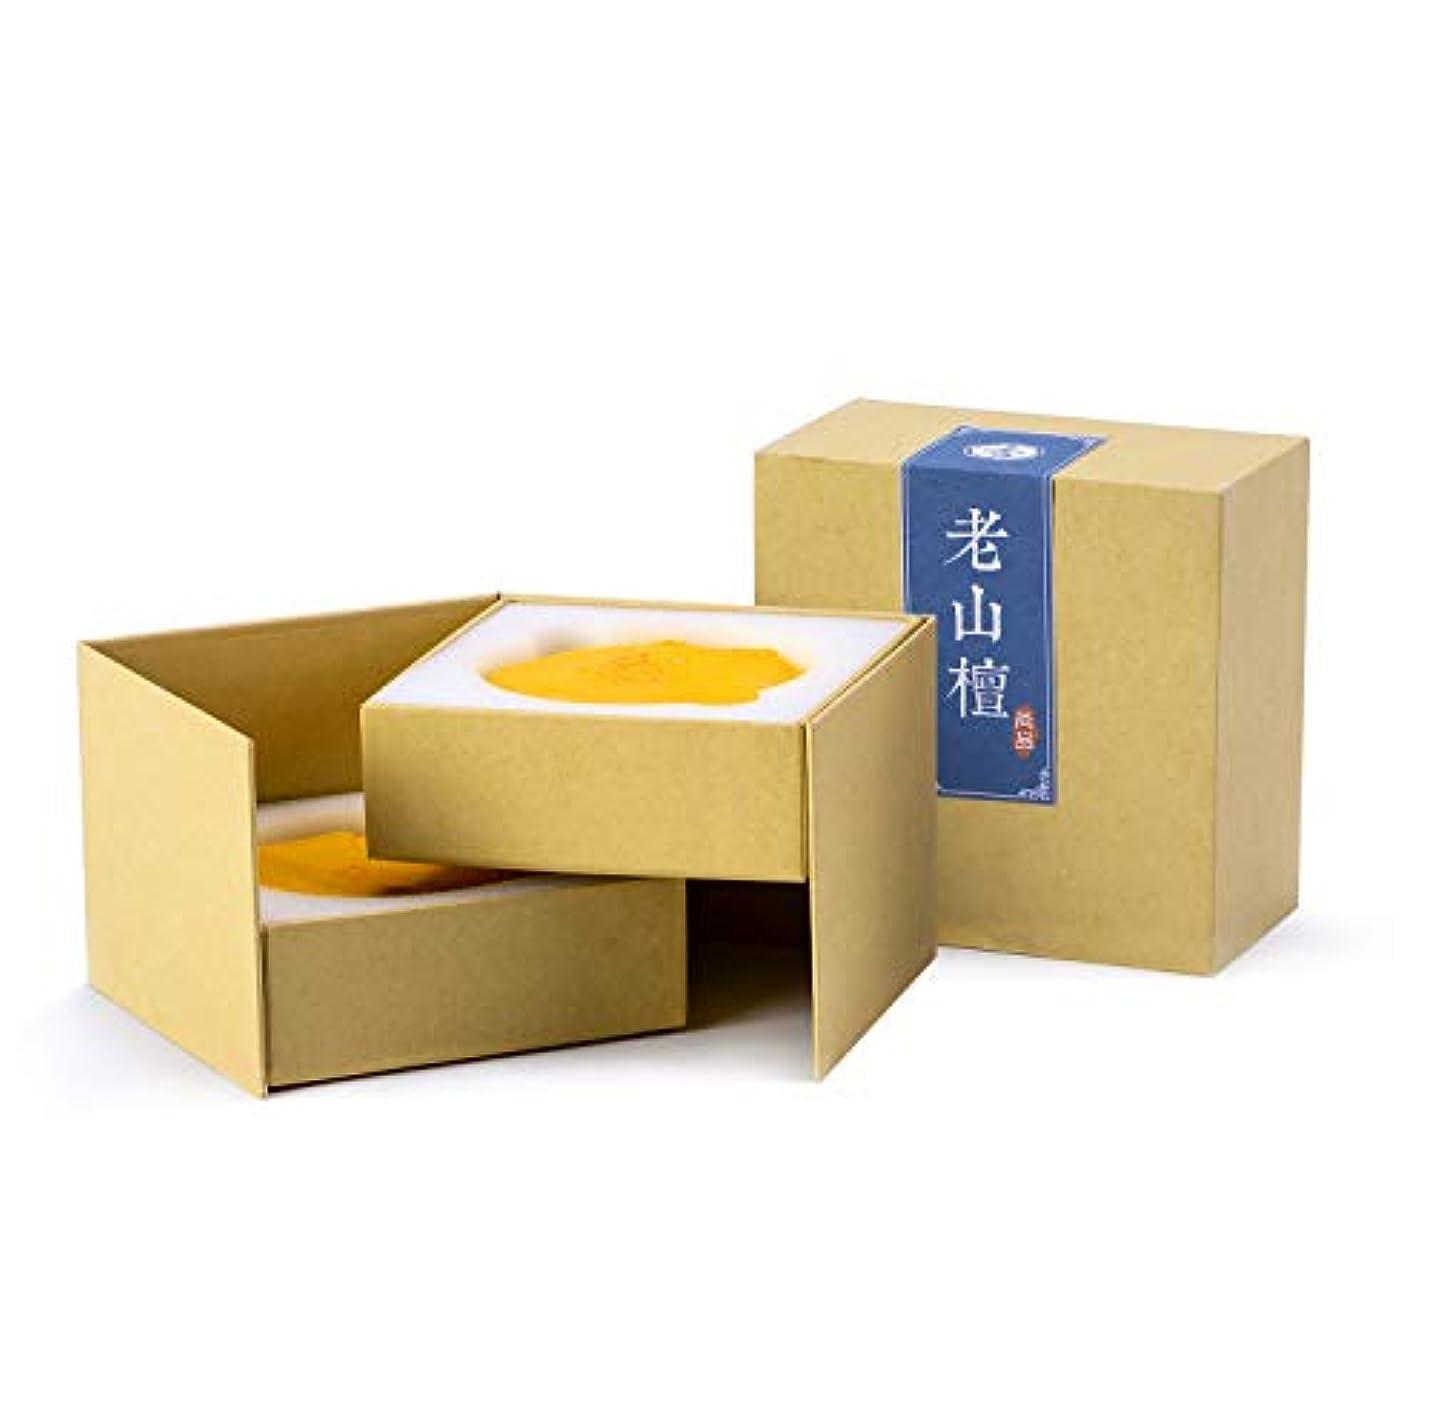 蚊キャリア公爵夫人Hwagui お香 上級 渦巻き線香 白檀 瀋香 ヨモギ 優しい香り 2時間 40巻入